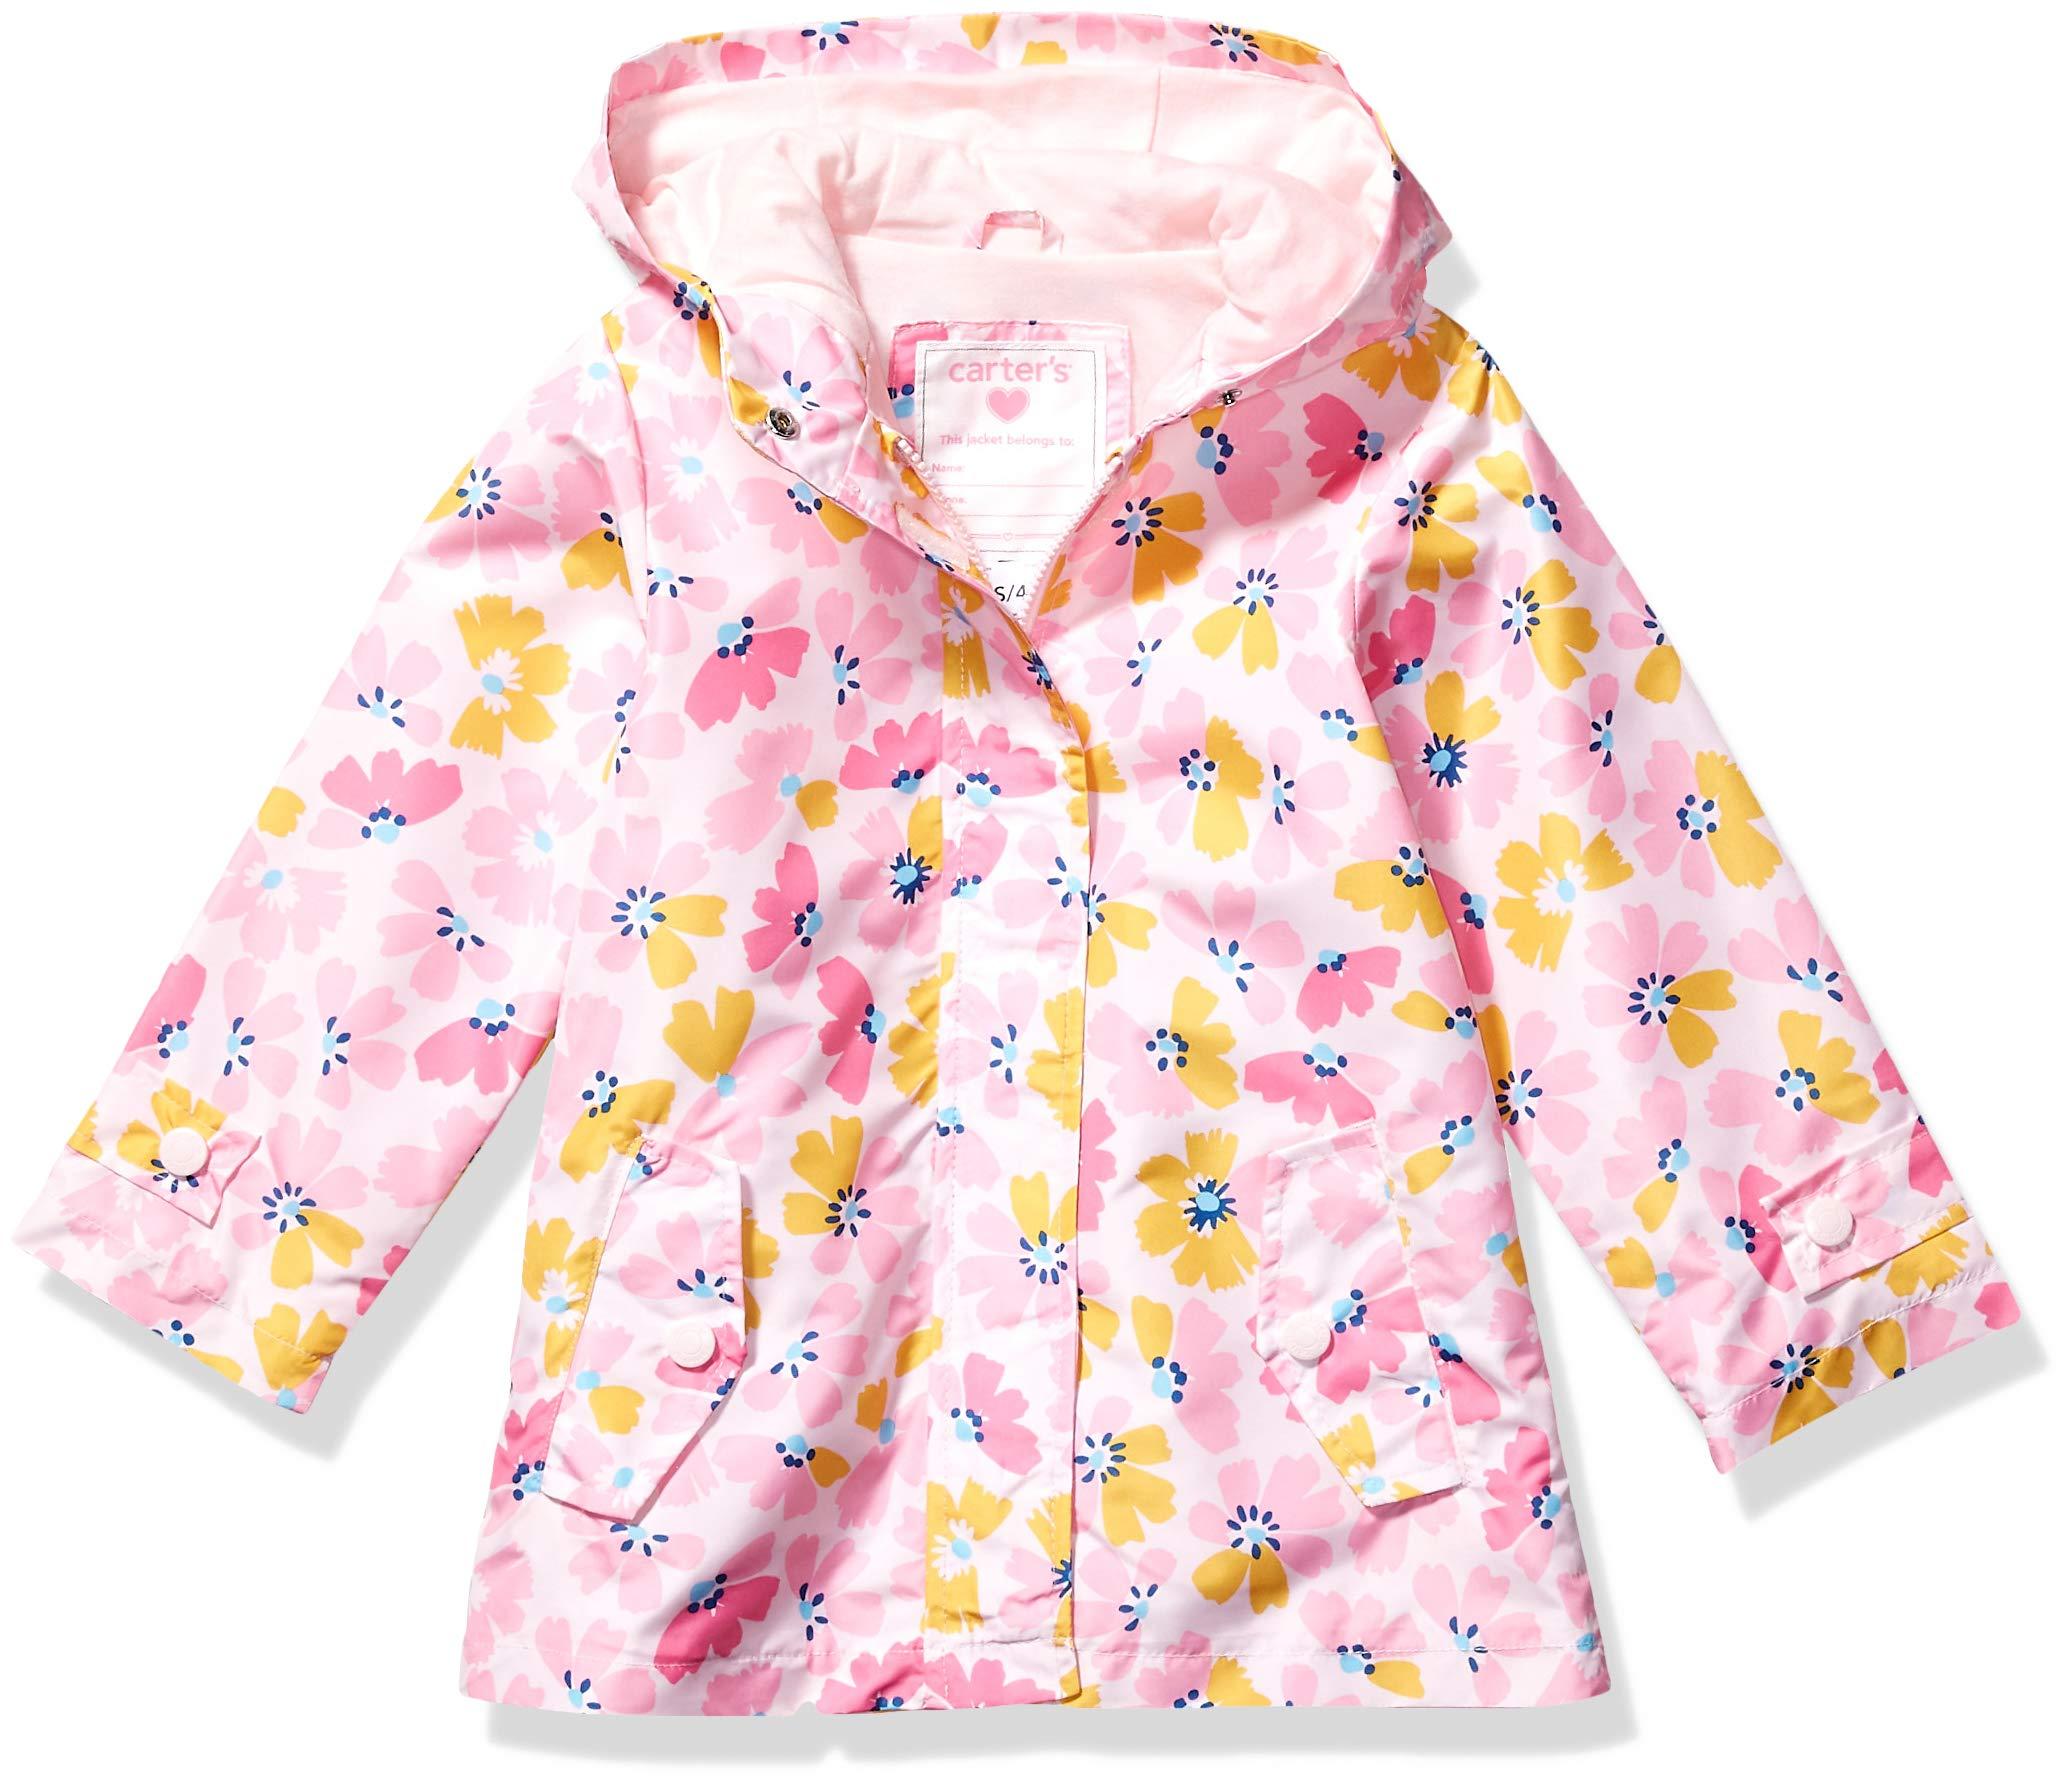 Carter's Girls' Little Perfect Rainslicker Rain Jacket, Gold & Pink Floral, 5/6 by Carter's